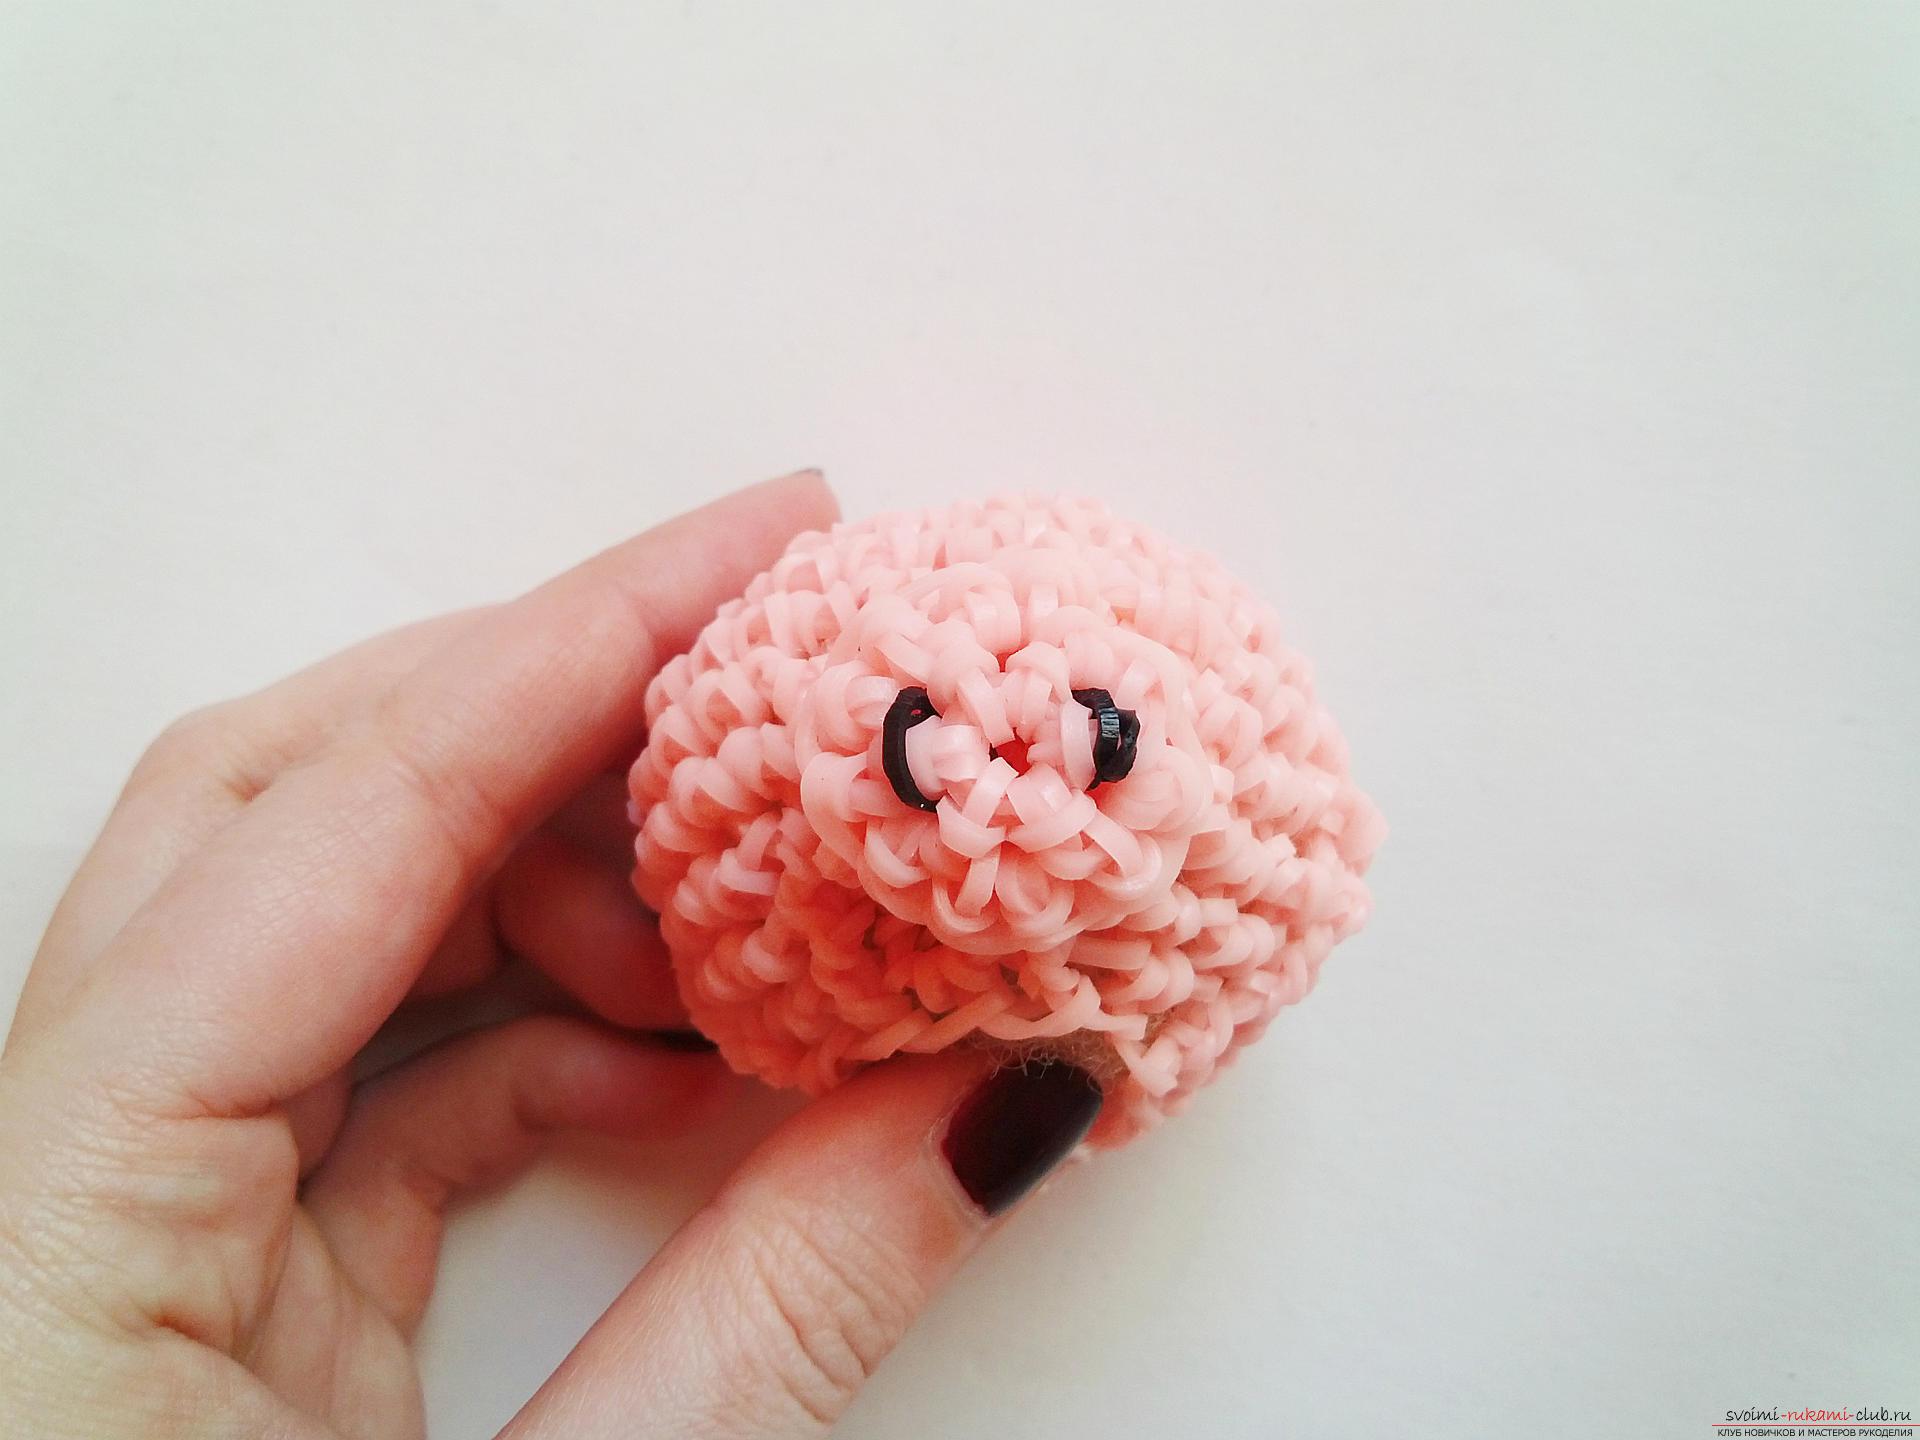 Плетение из резинок позволяет создать игрушки из резинок, наш мастер-класс покажет как плетется поросенок своими руками.. Фото №10